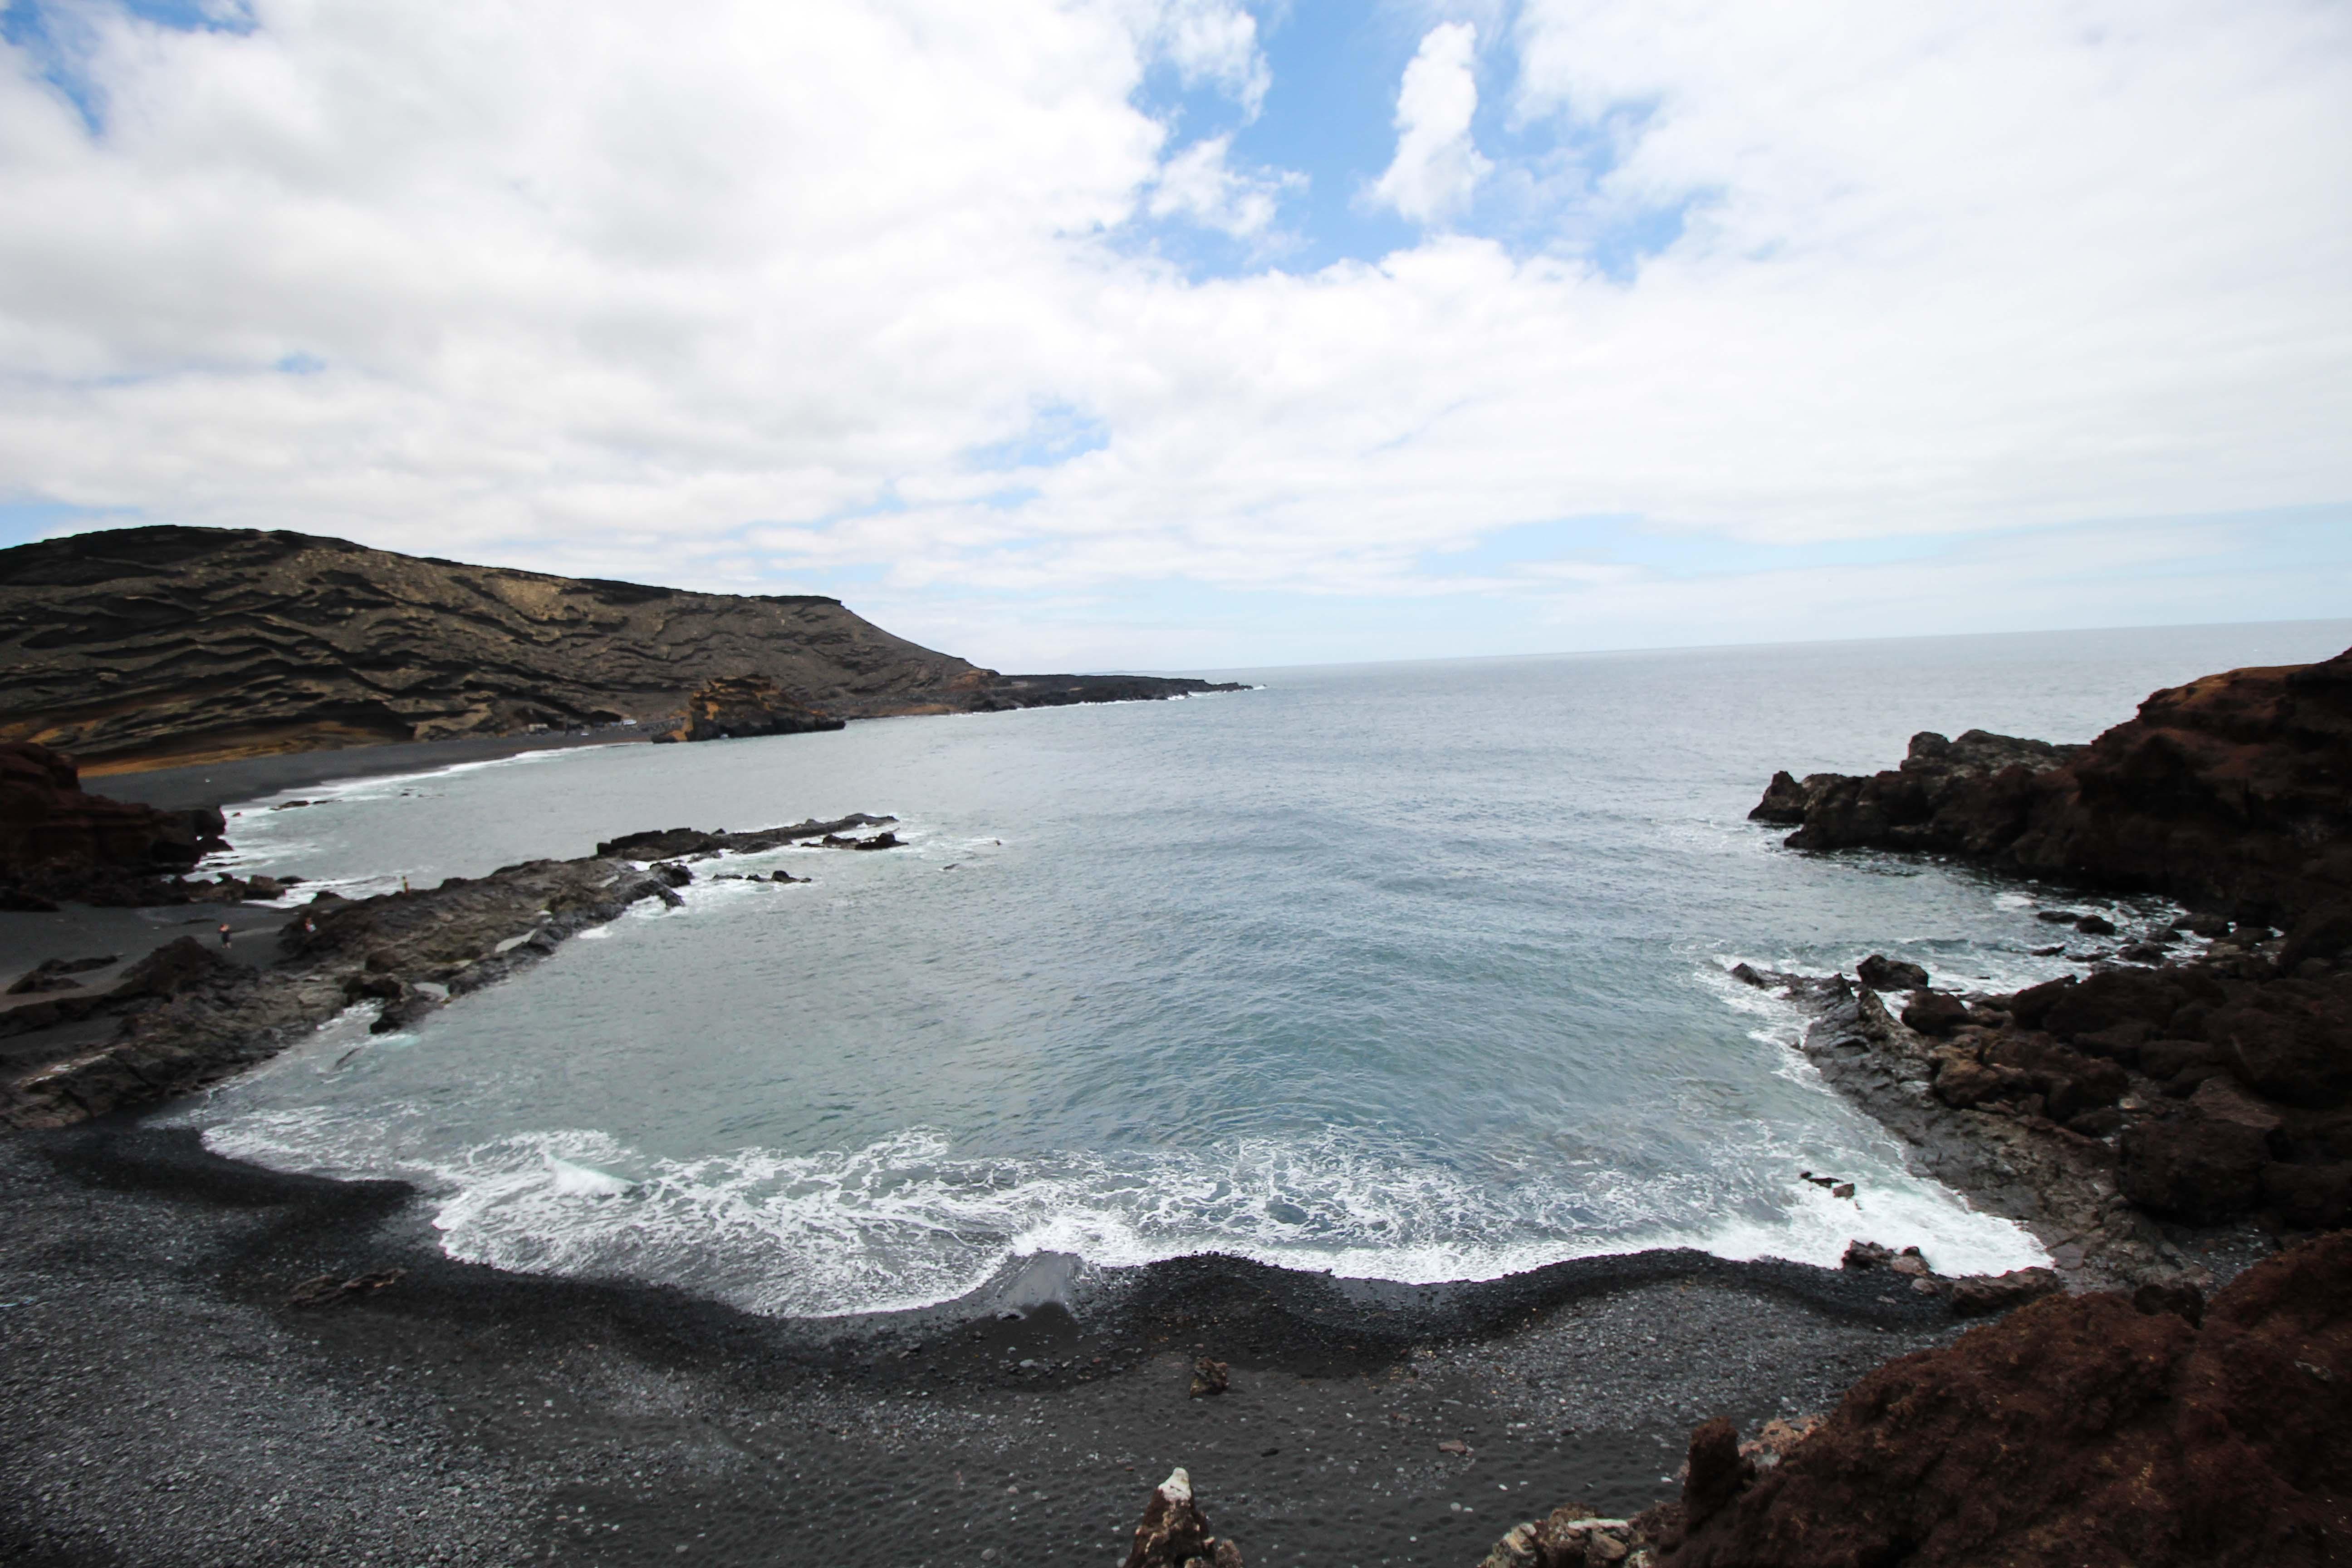 El Golfo schwarzer Strand Klippen Top 10 Tipps Lanzarote Sehenswürdigkeiten Insider Tipps Lanzarote Spanien